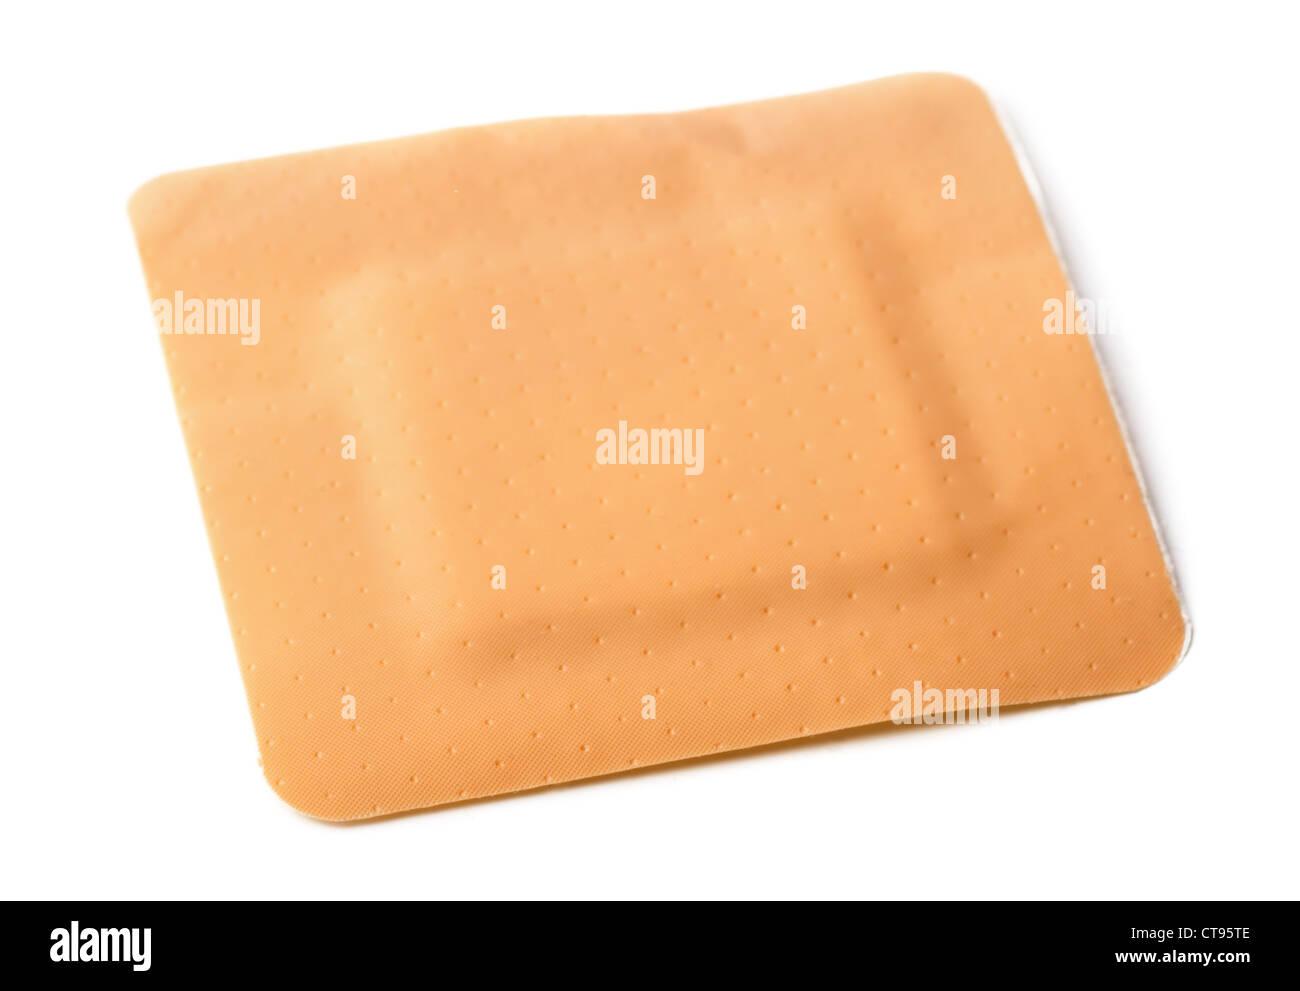 Square adhesive bandage isolated on white - Stock Image